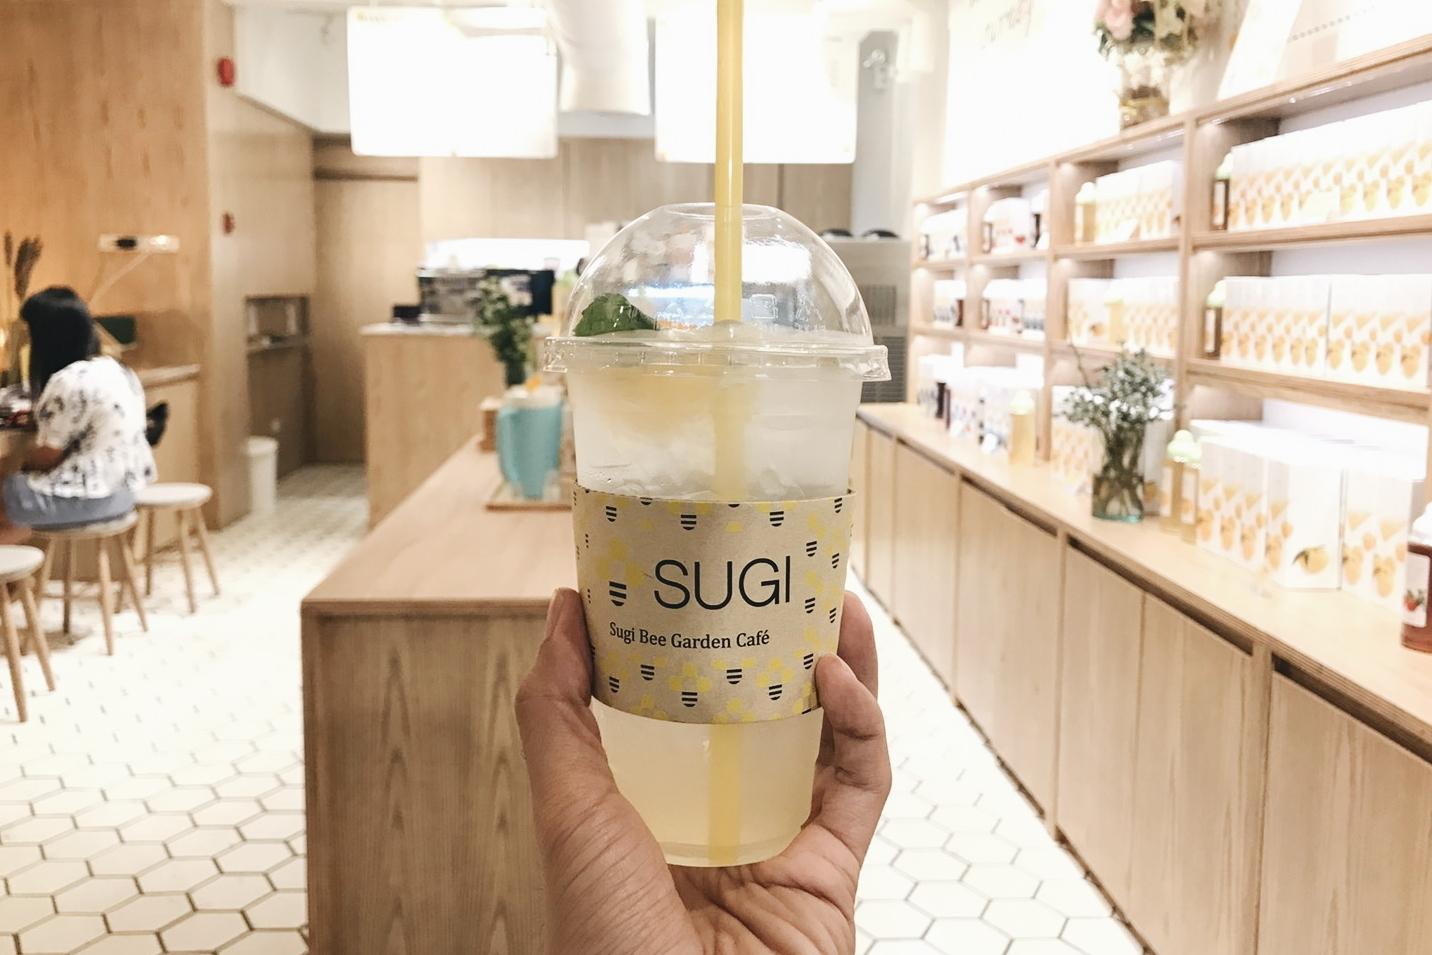 Sugi Bee Garden Cafe